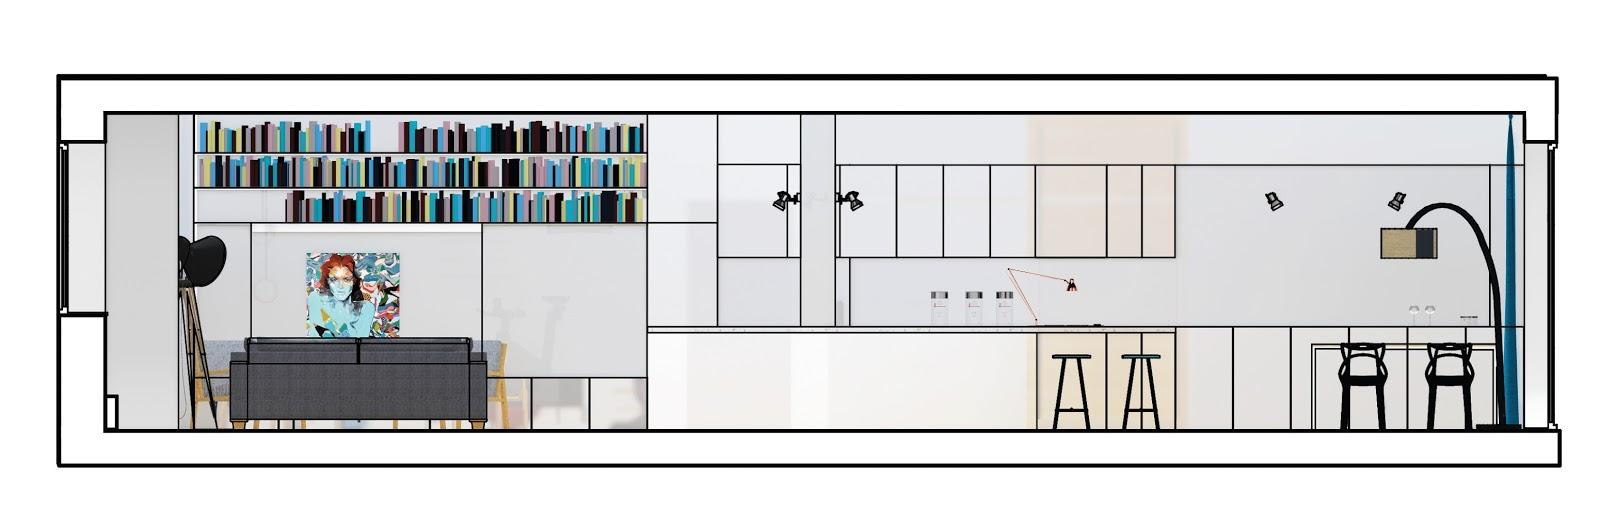 architektura wnętrz propozycja aranżacji minimalistycznego wnętrza